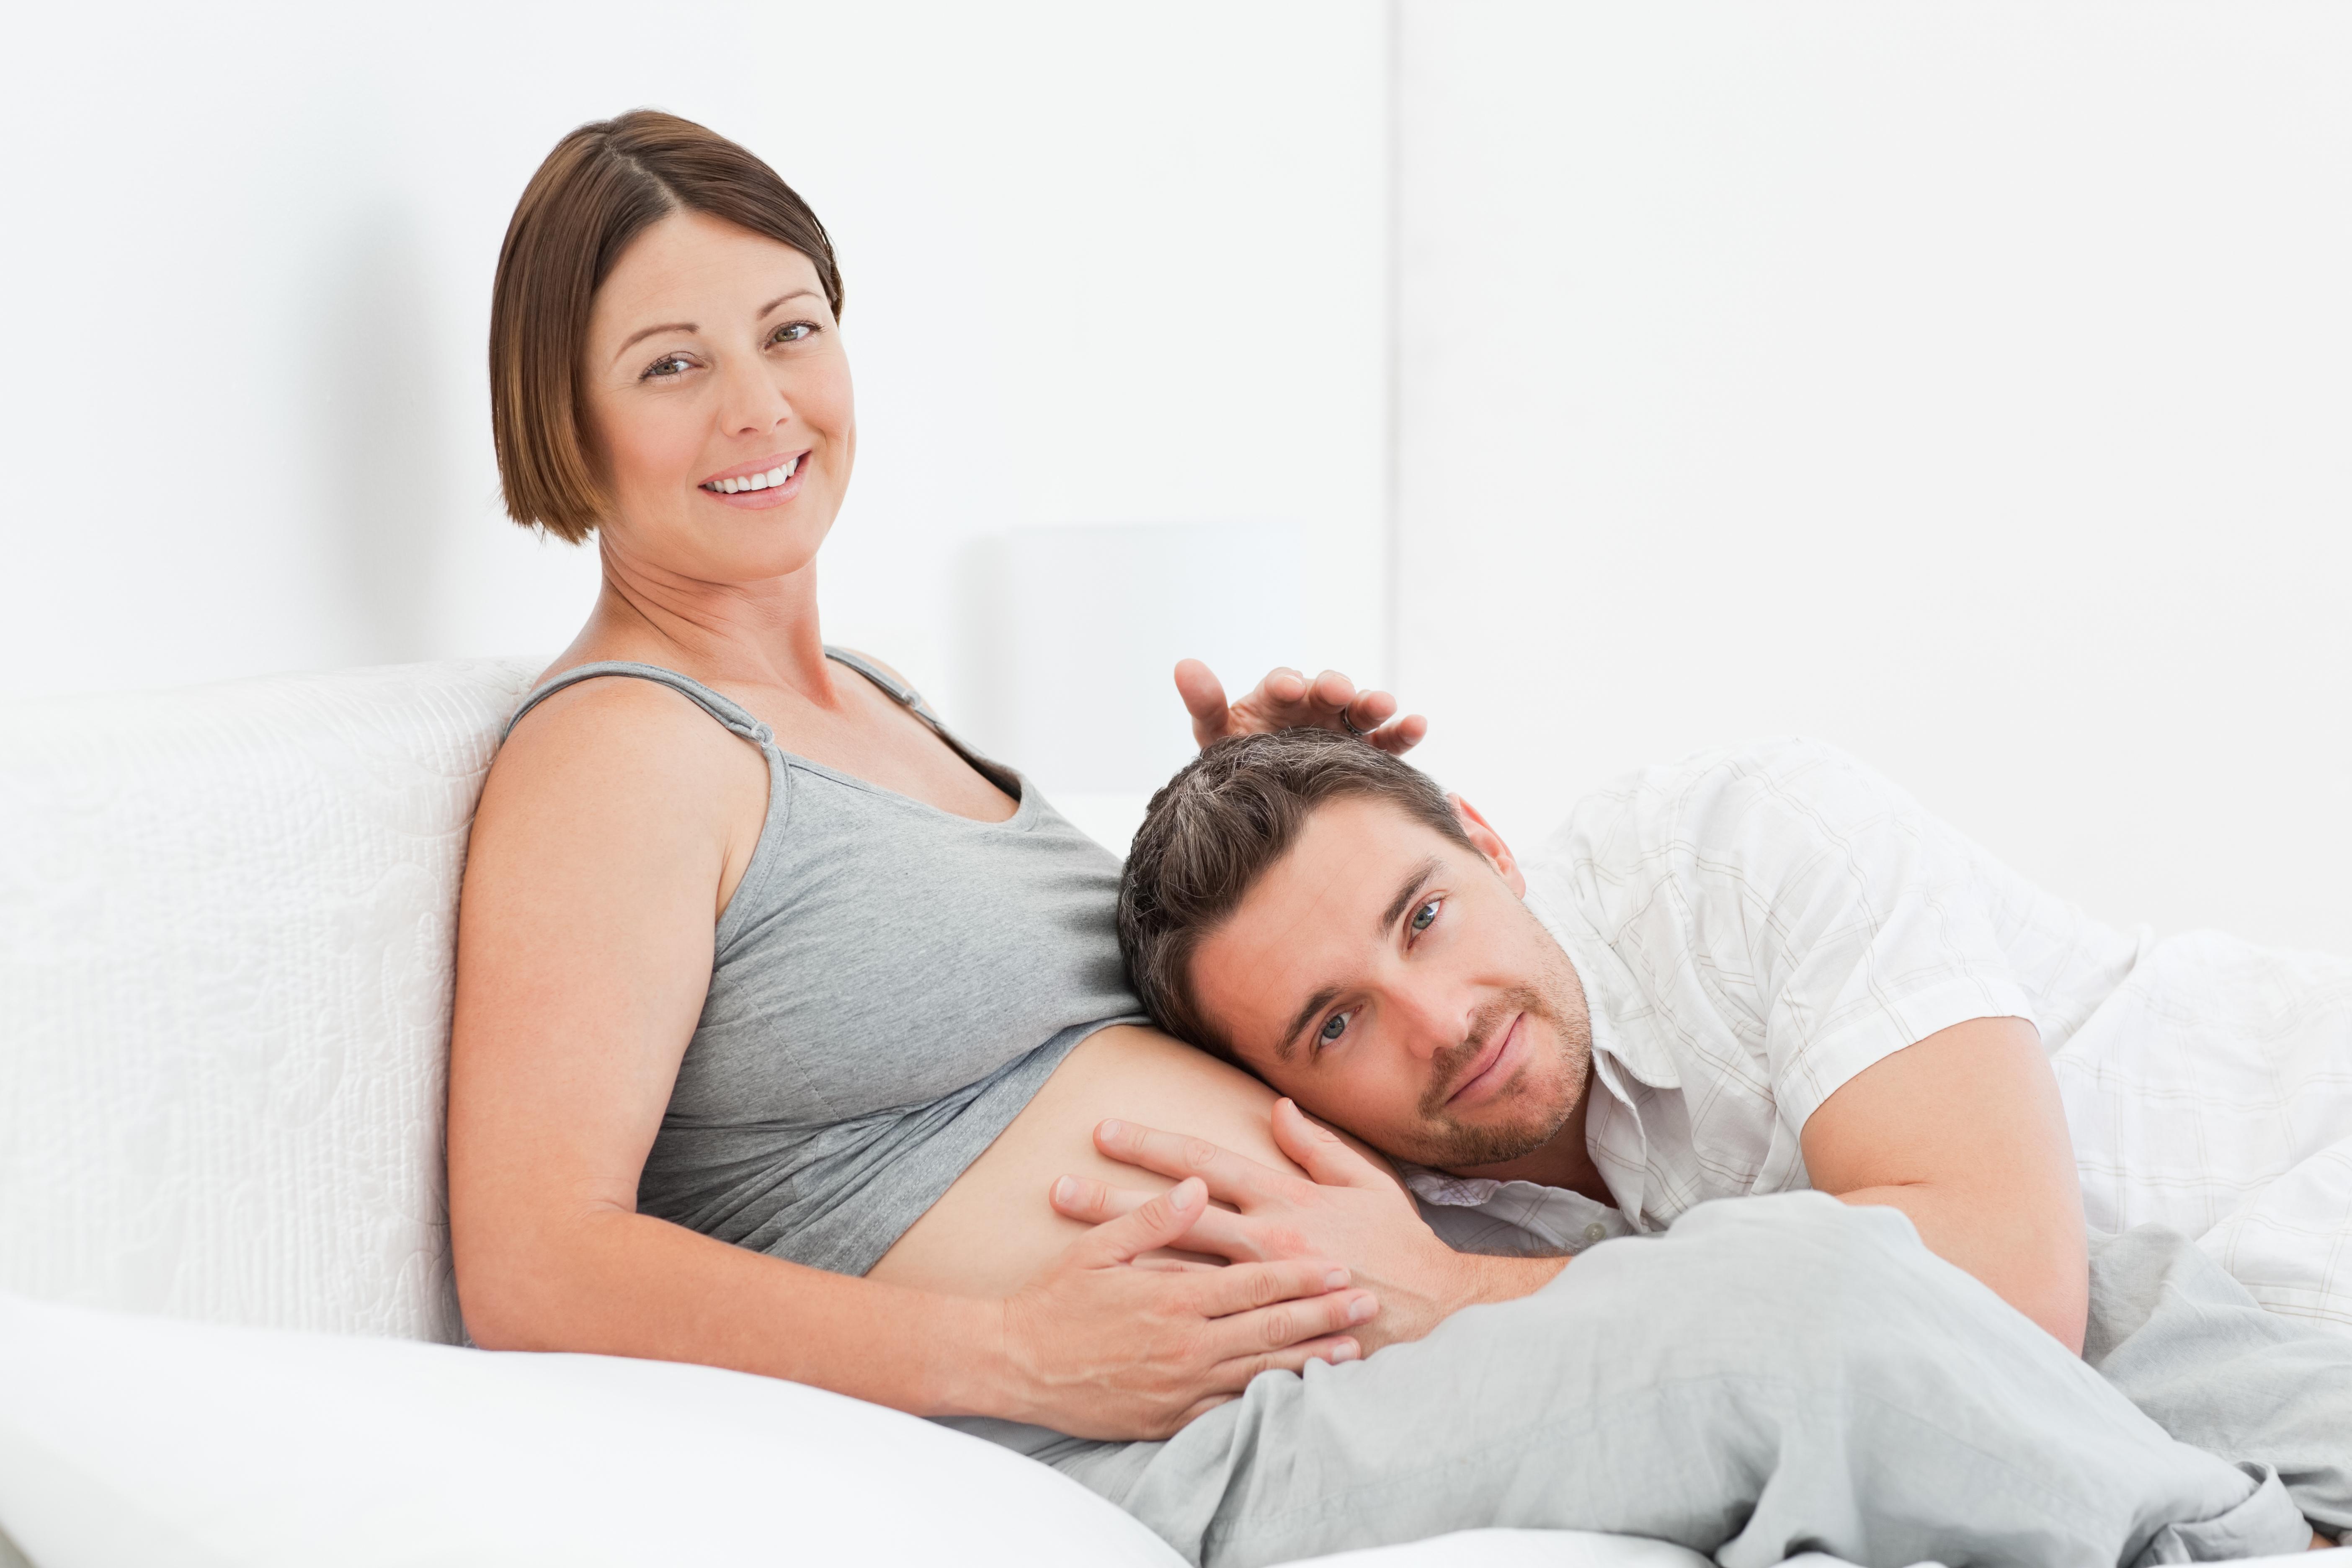 Фото беременной женщины с мужем и ребенком